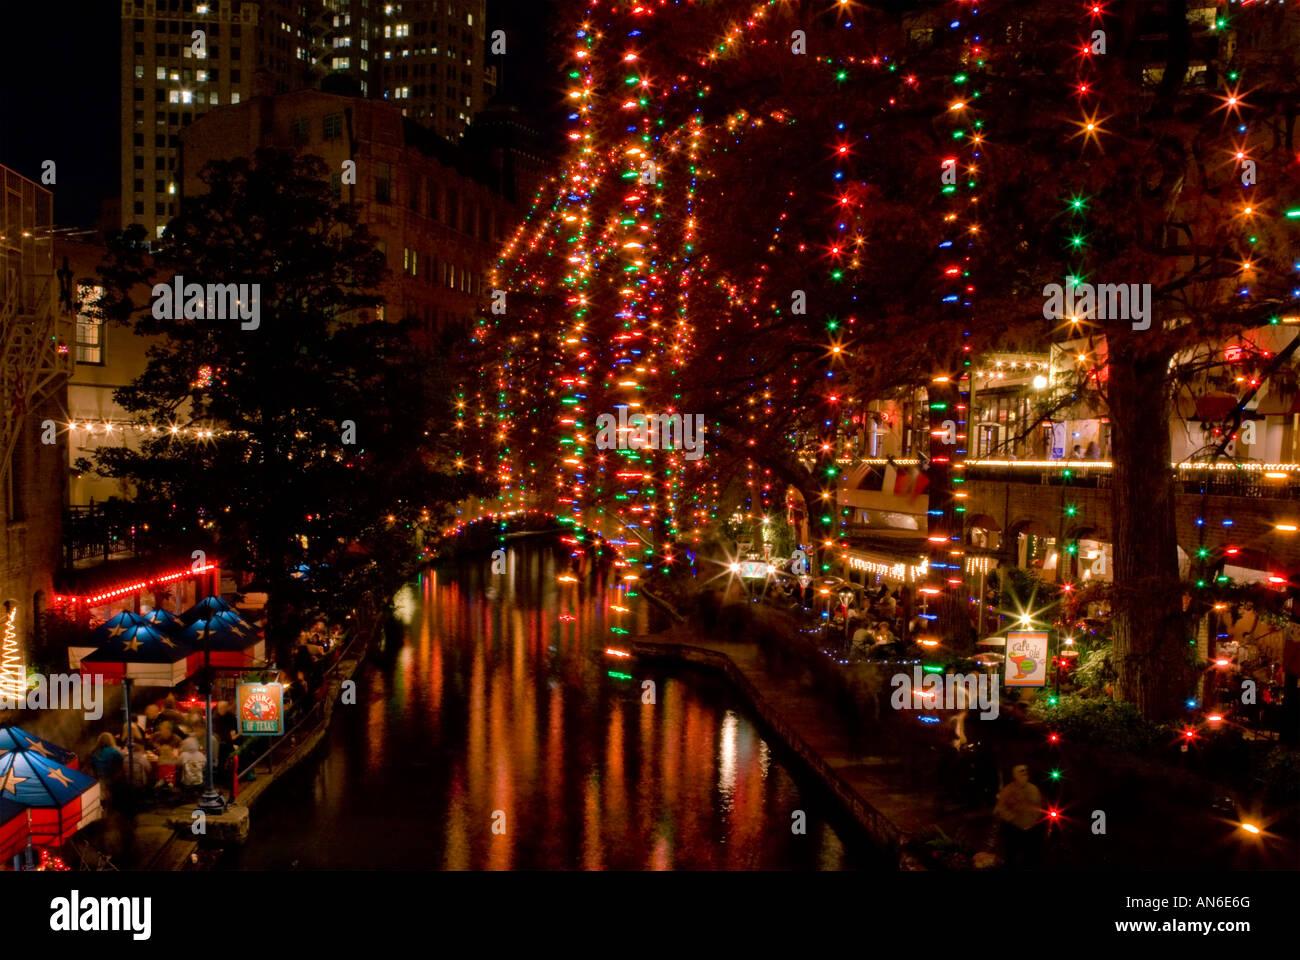 San Antonio Riverwalk On Christmas Day 2021 San Antonio Riverwalk Christmas High Resolution Stock Photography And Images Alamy